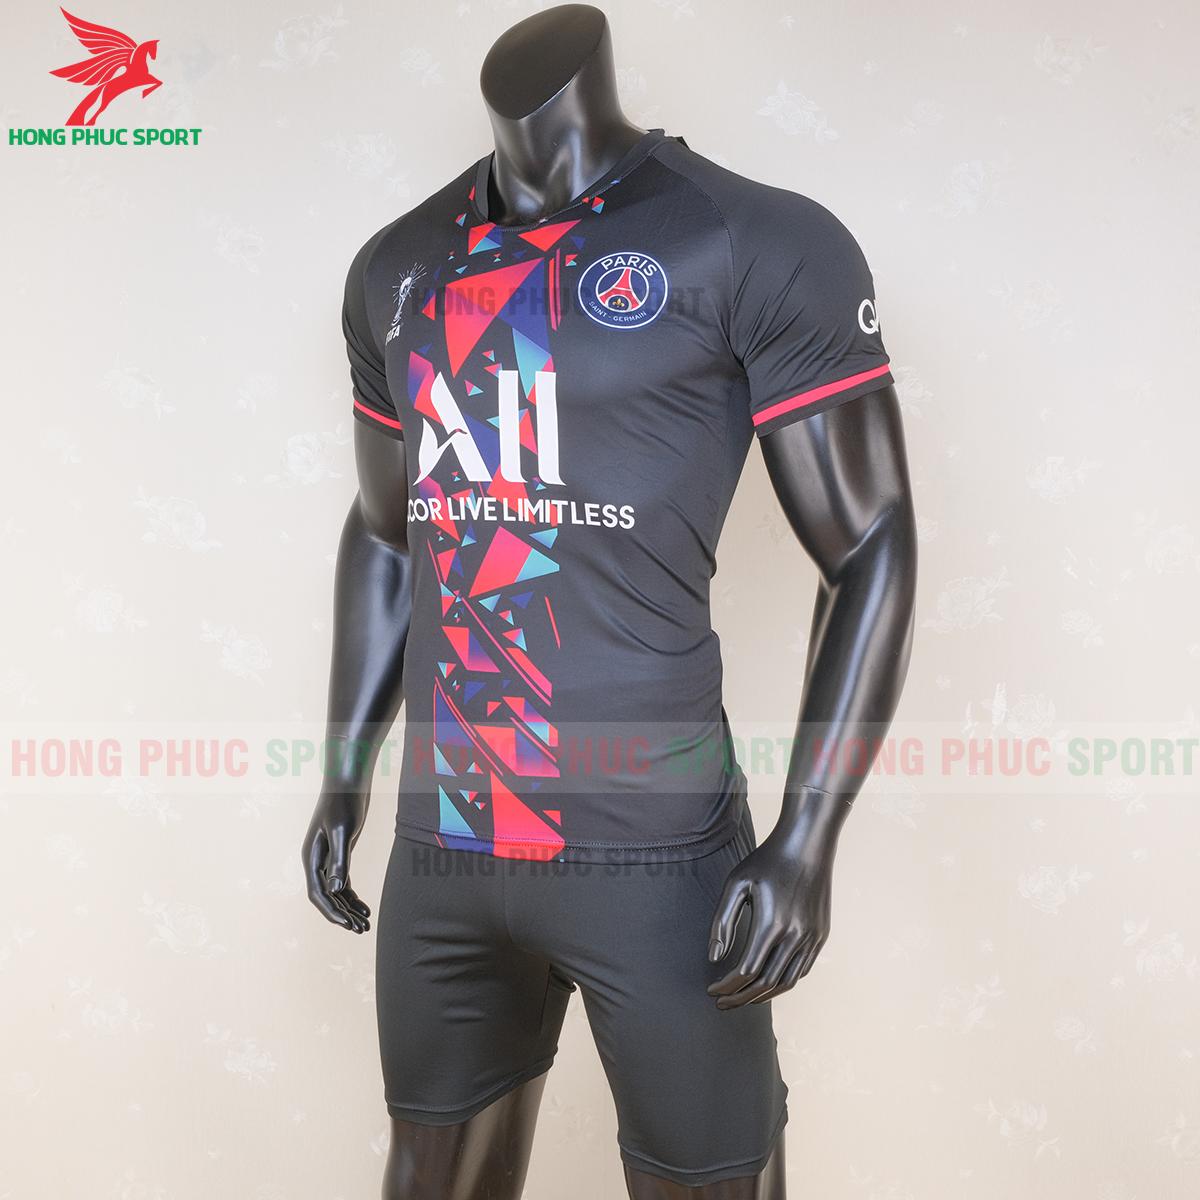 https://cdn.hongphucsport.com/unsafe/s4.shopbay.vn/files/285/ao-bong-da-paris-saint-germain-2020-2021-phien-ban-fan-mau-3-4-5f6da4aa0c649.png